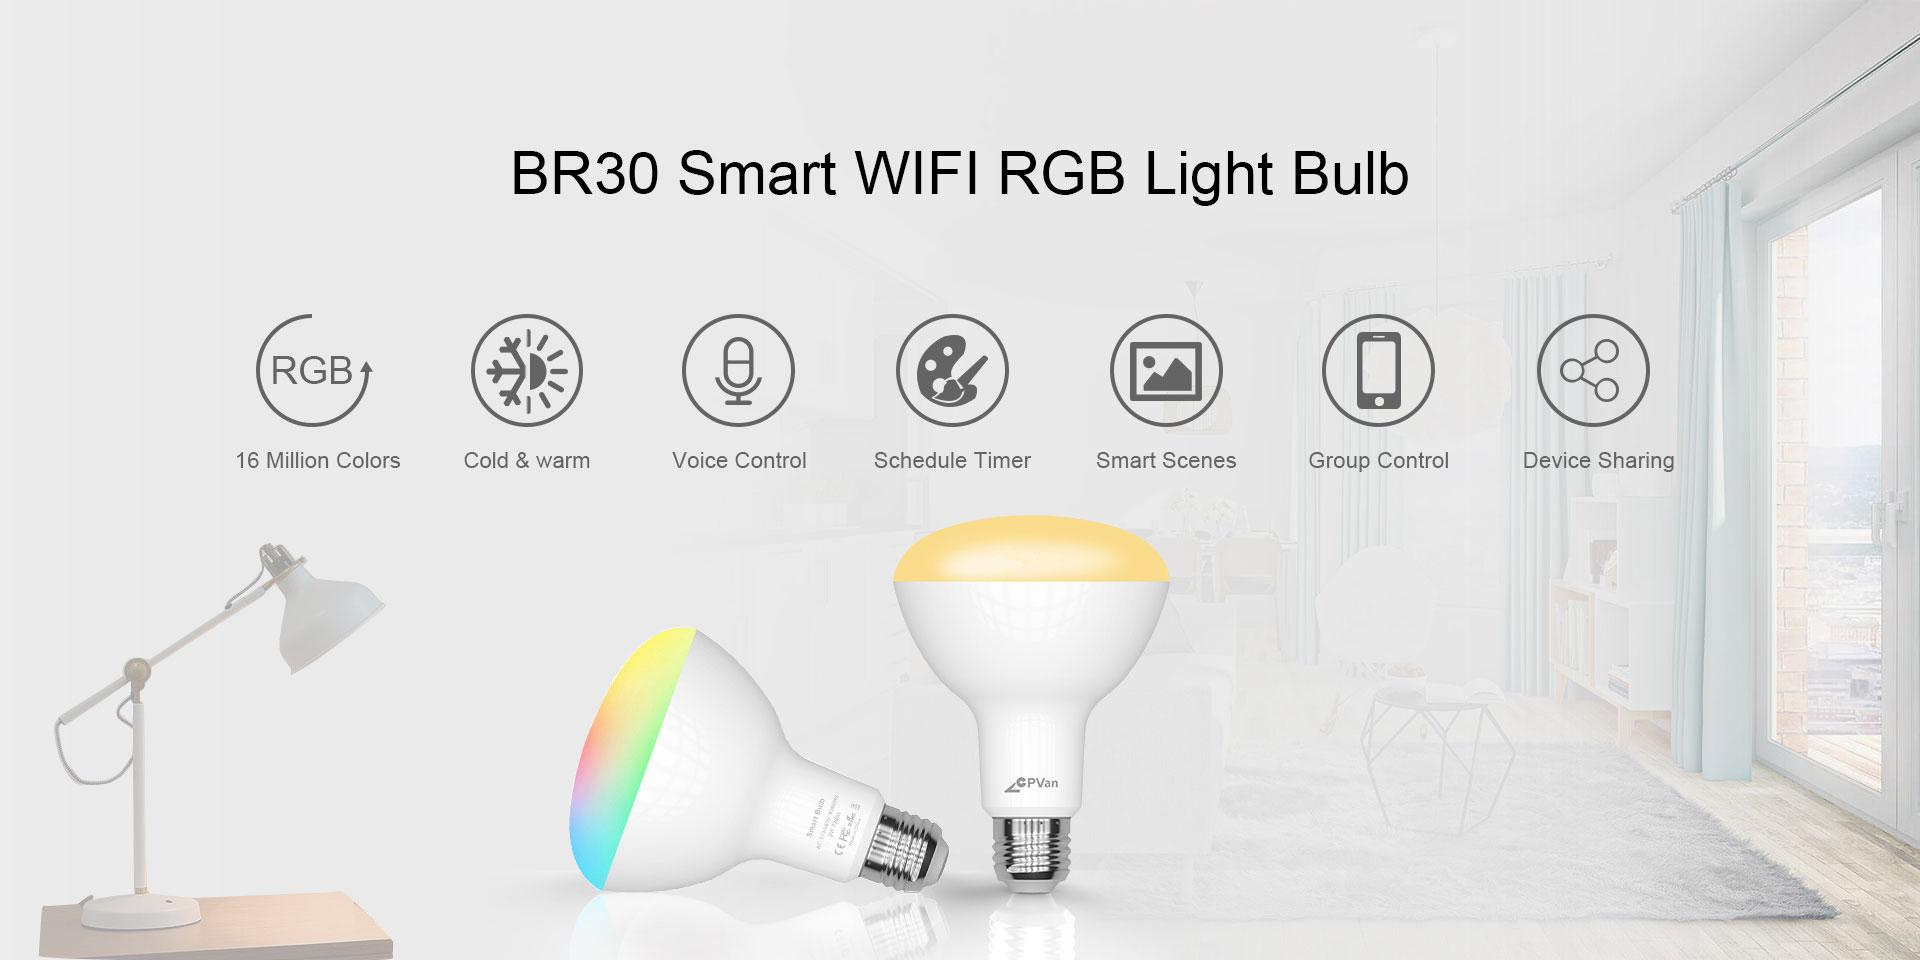 BR30 Smart RBG Light Bulb